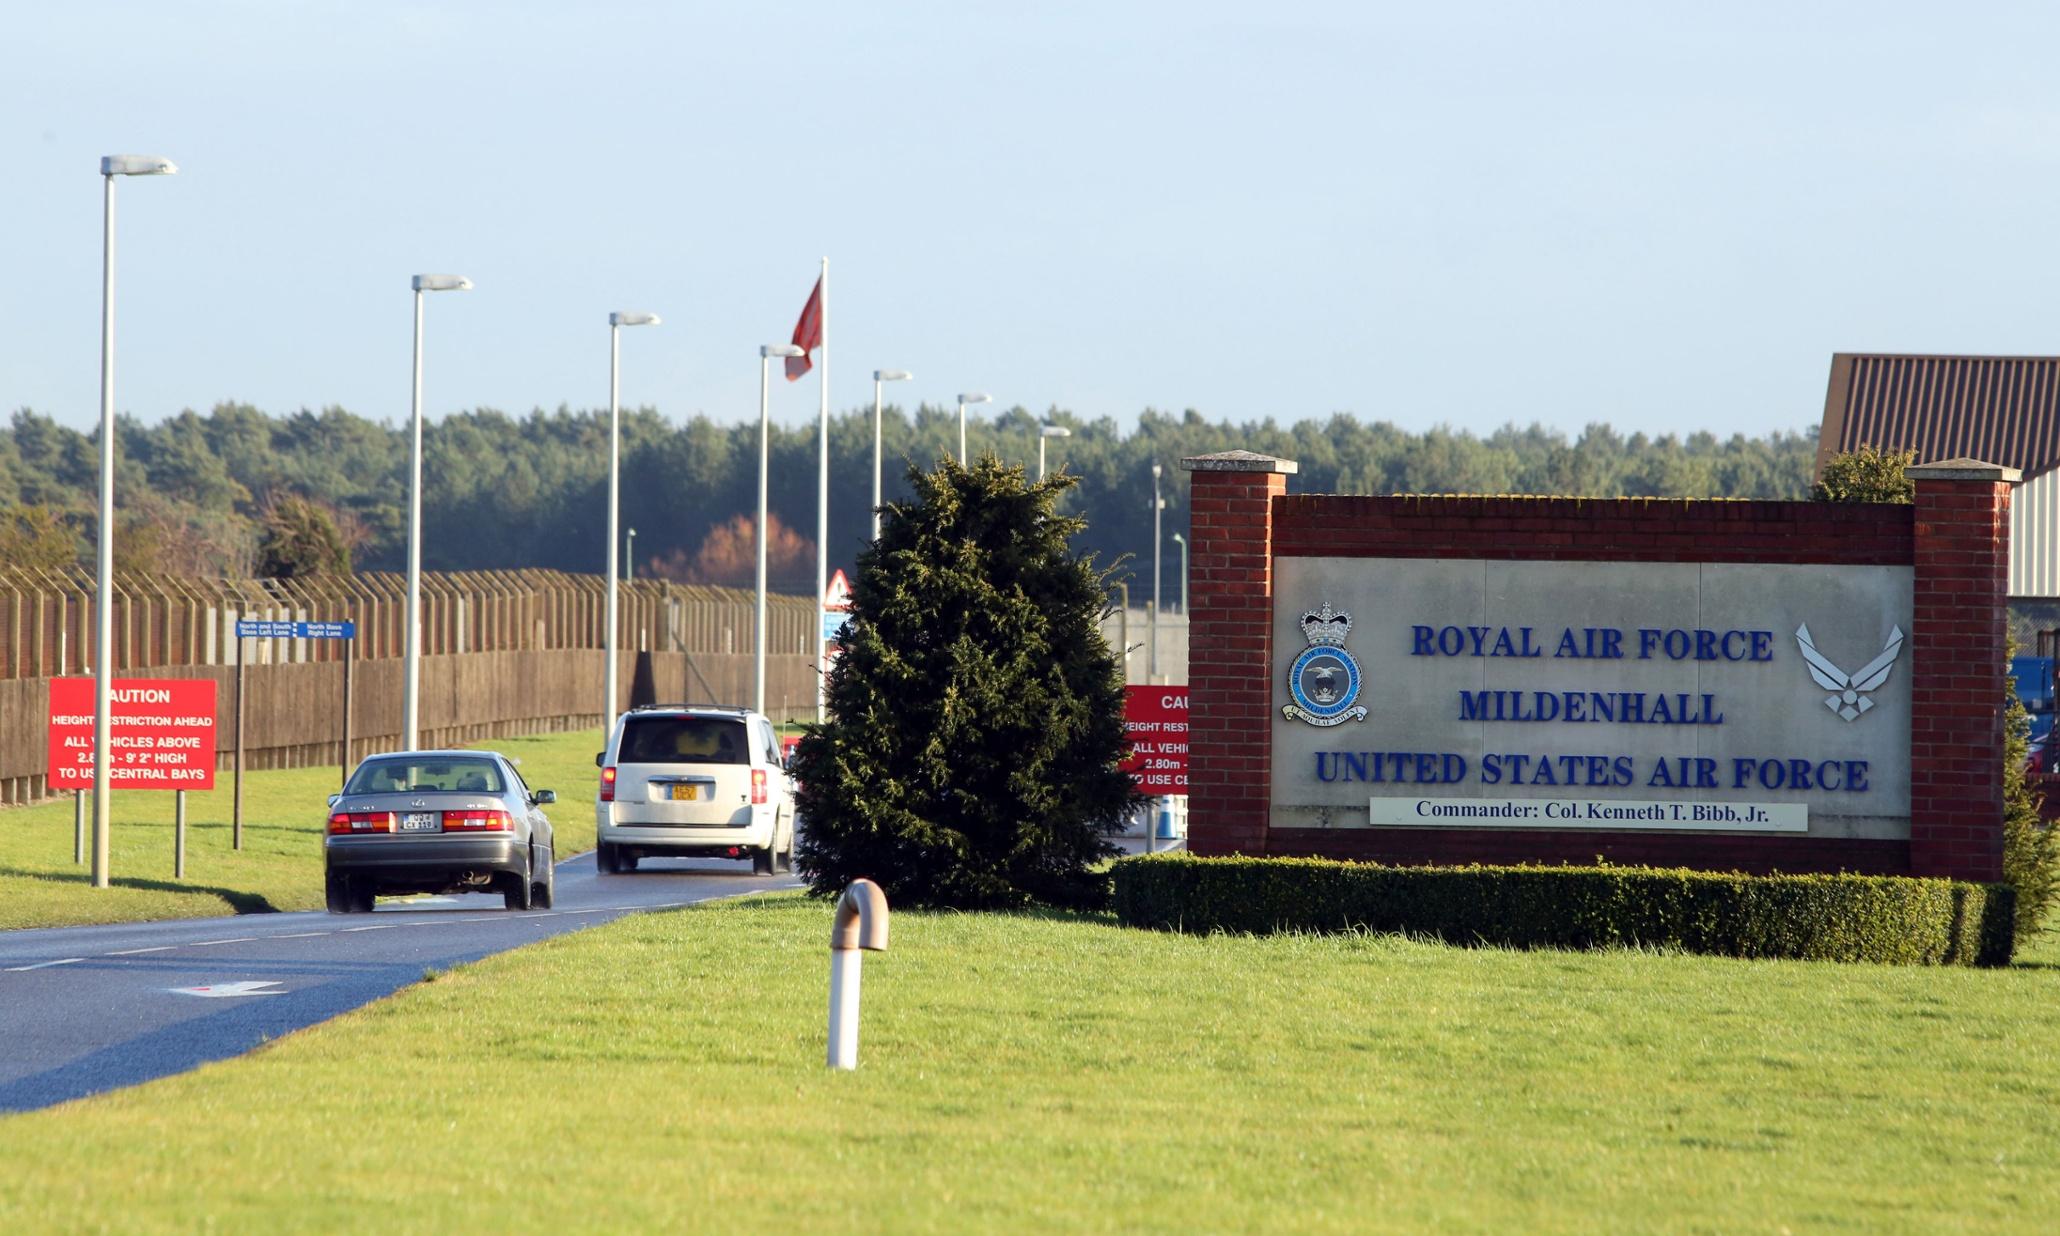 Para cortar gastos, EUA reduzem bases militares na Europa